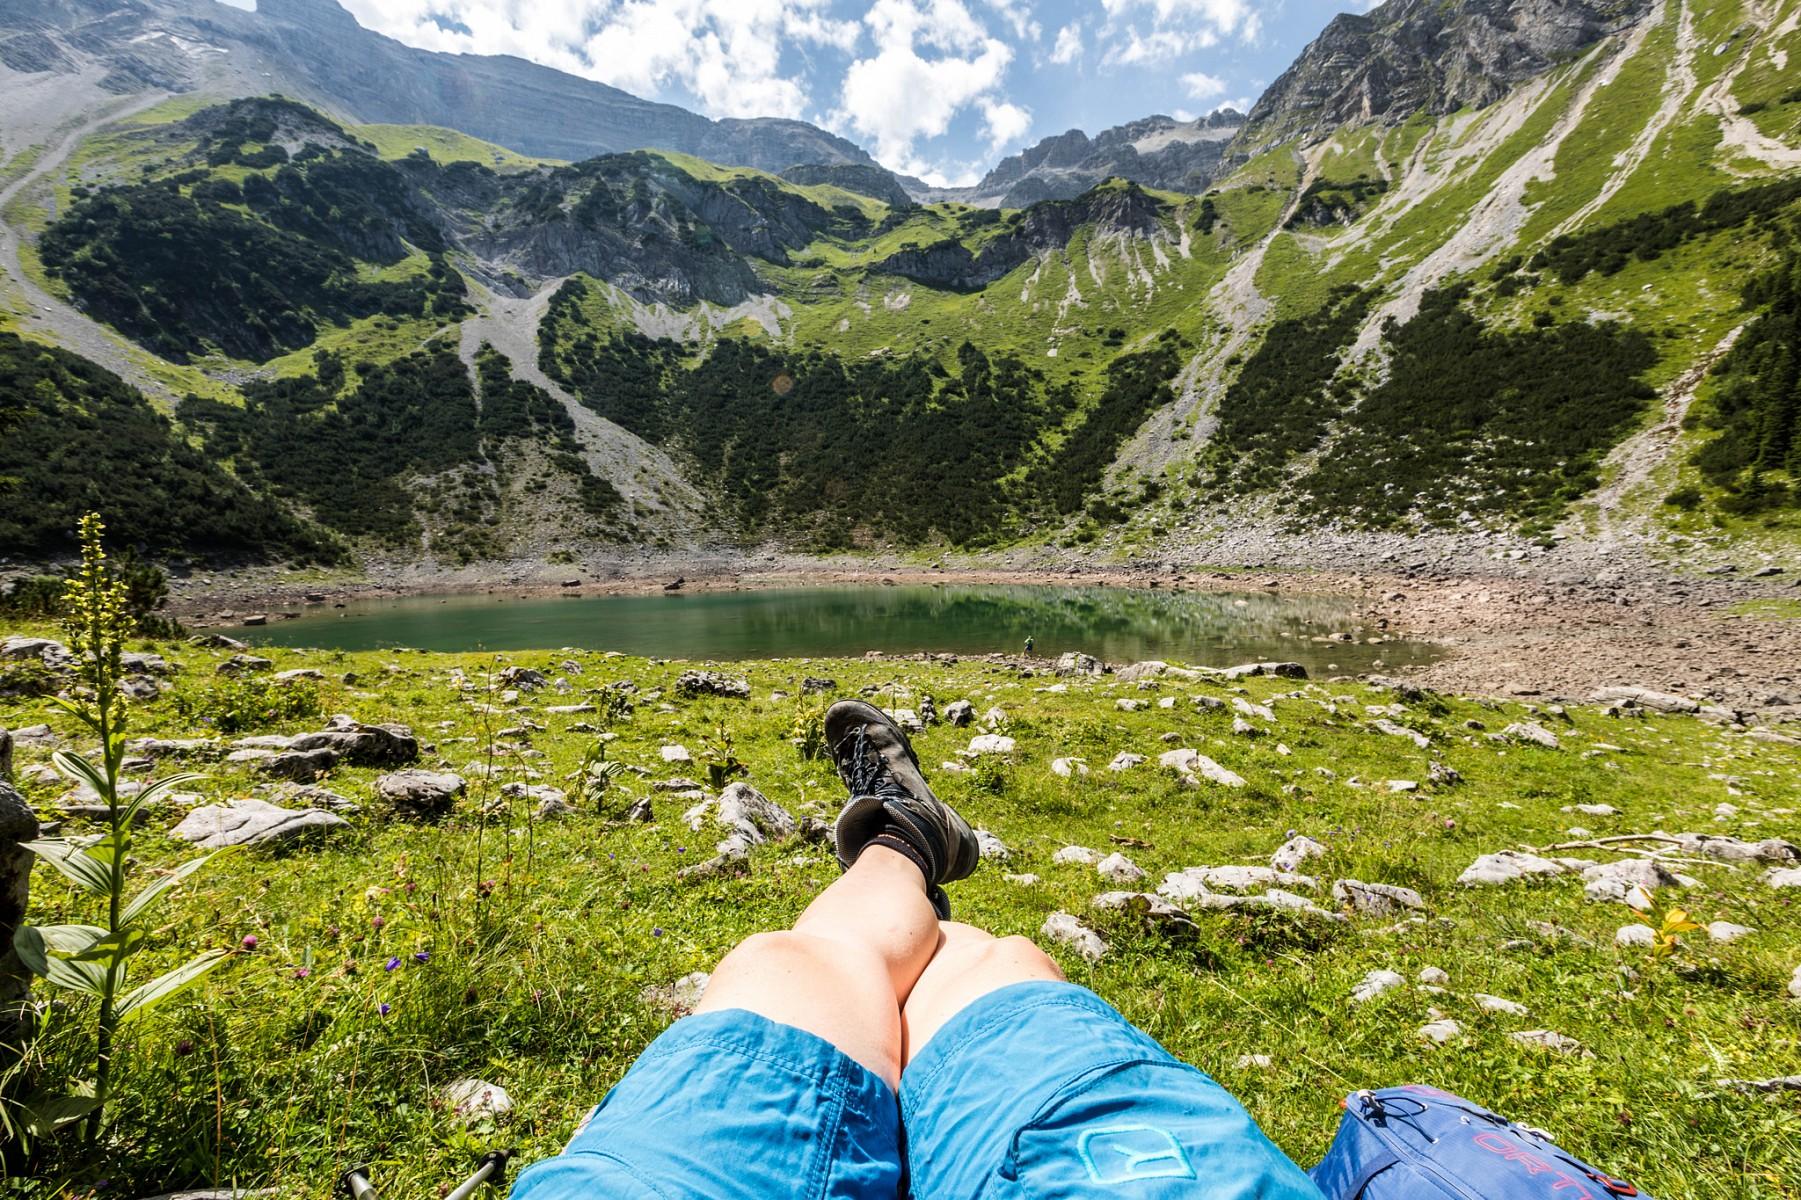 pEine-kleine-Wanderpause-am-Soiernsee-im-Karwendelgebirge-Ab-hier-beginnt-der-Spitzenwanderweg-alpin-zu-werdenp